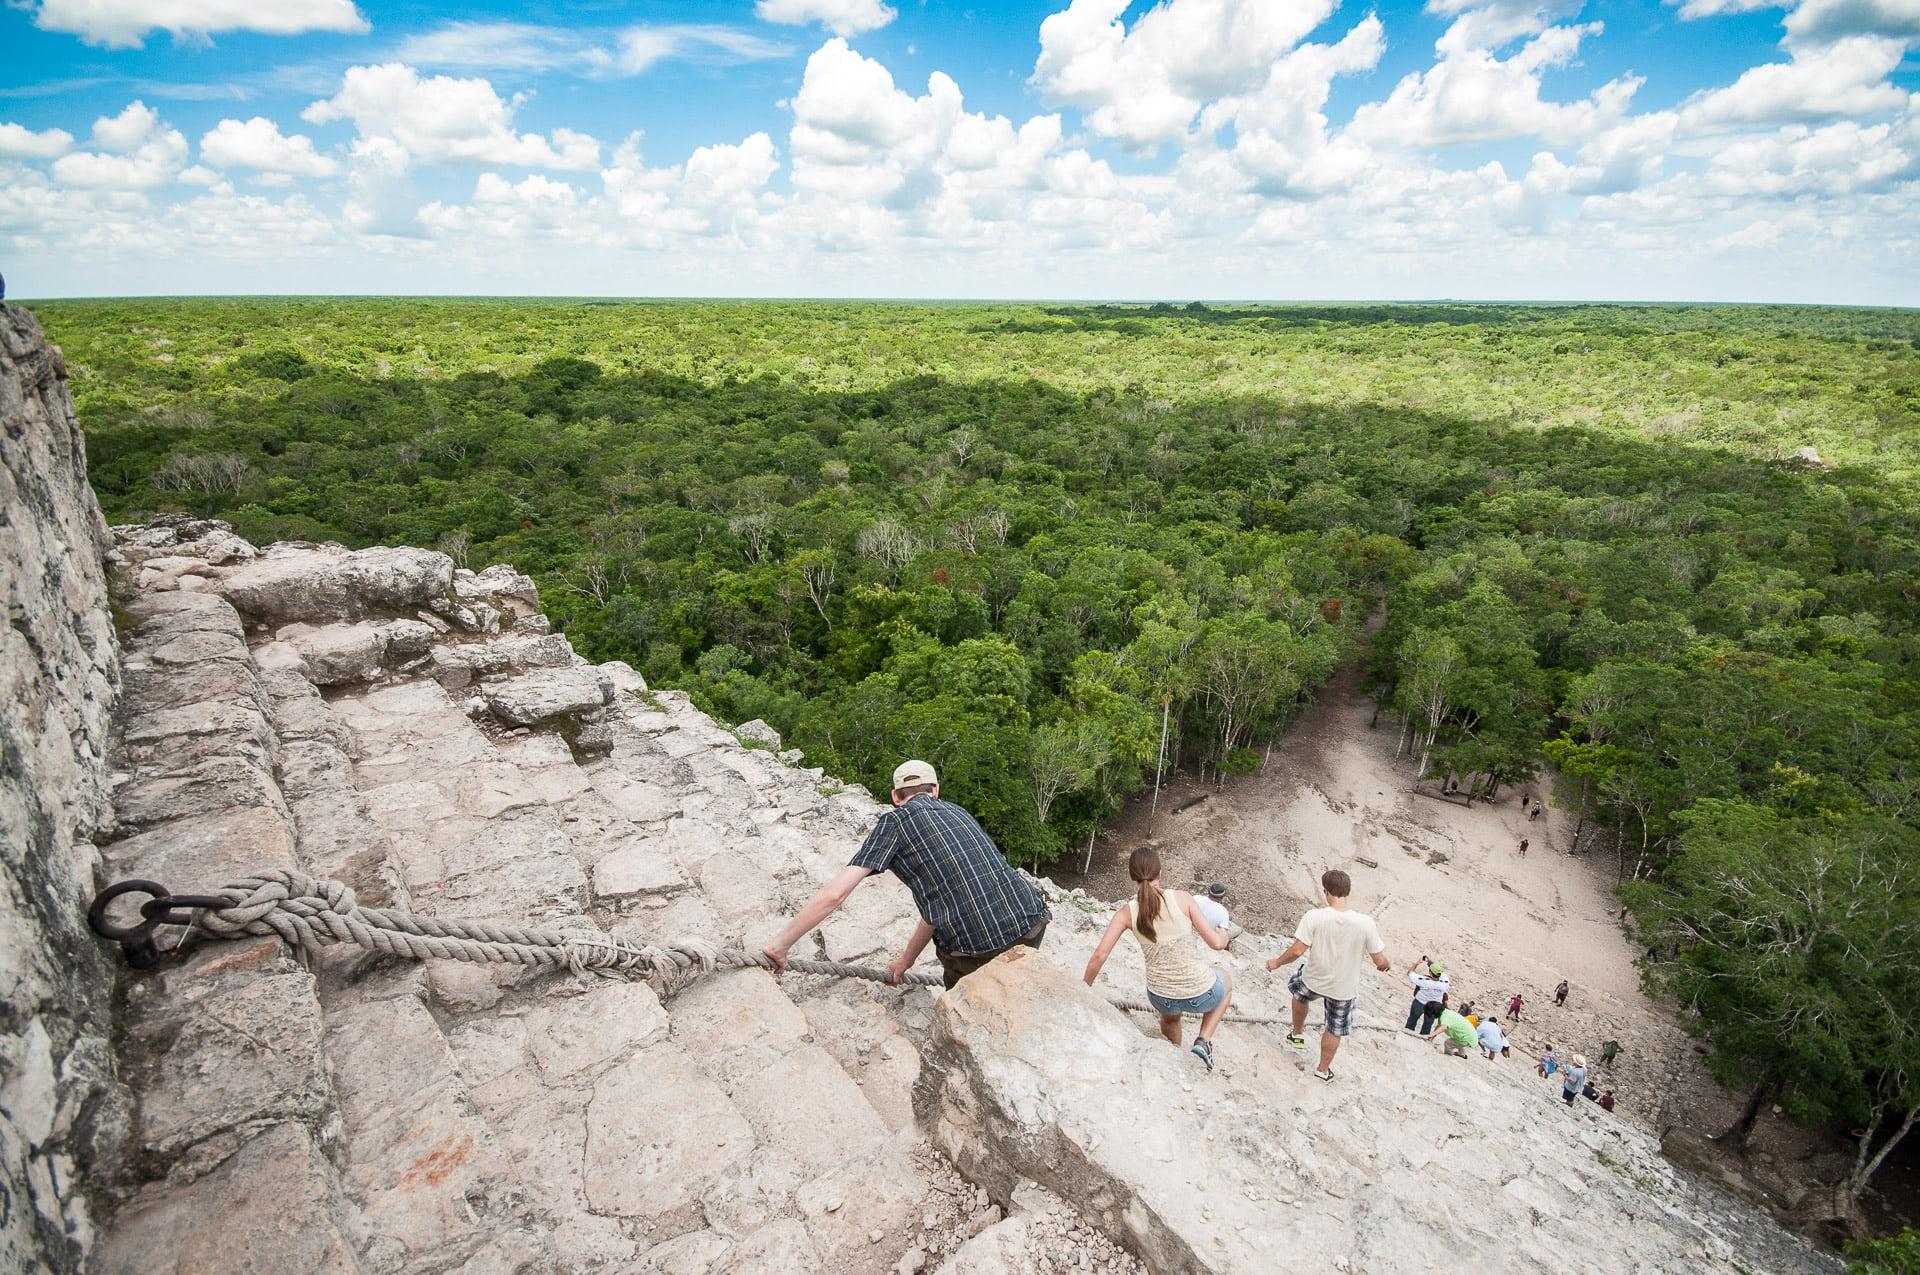 tulum descente pyramide coban - Les globe blogueurs - blog voyage nature